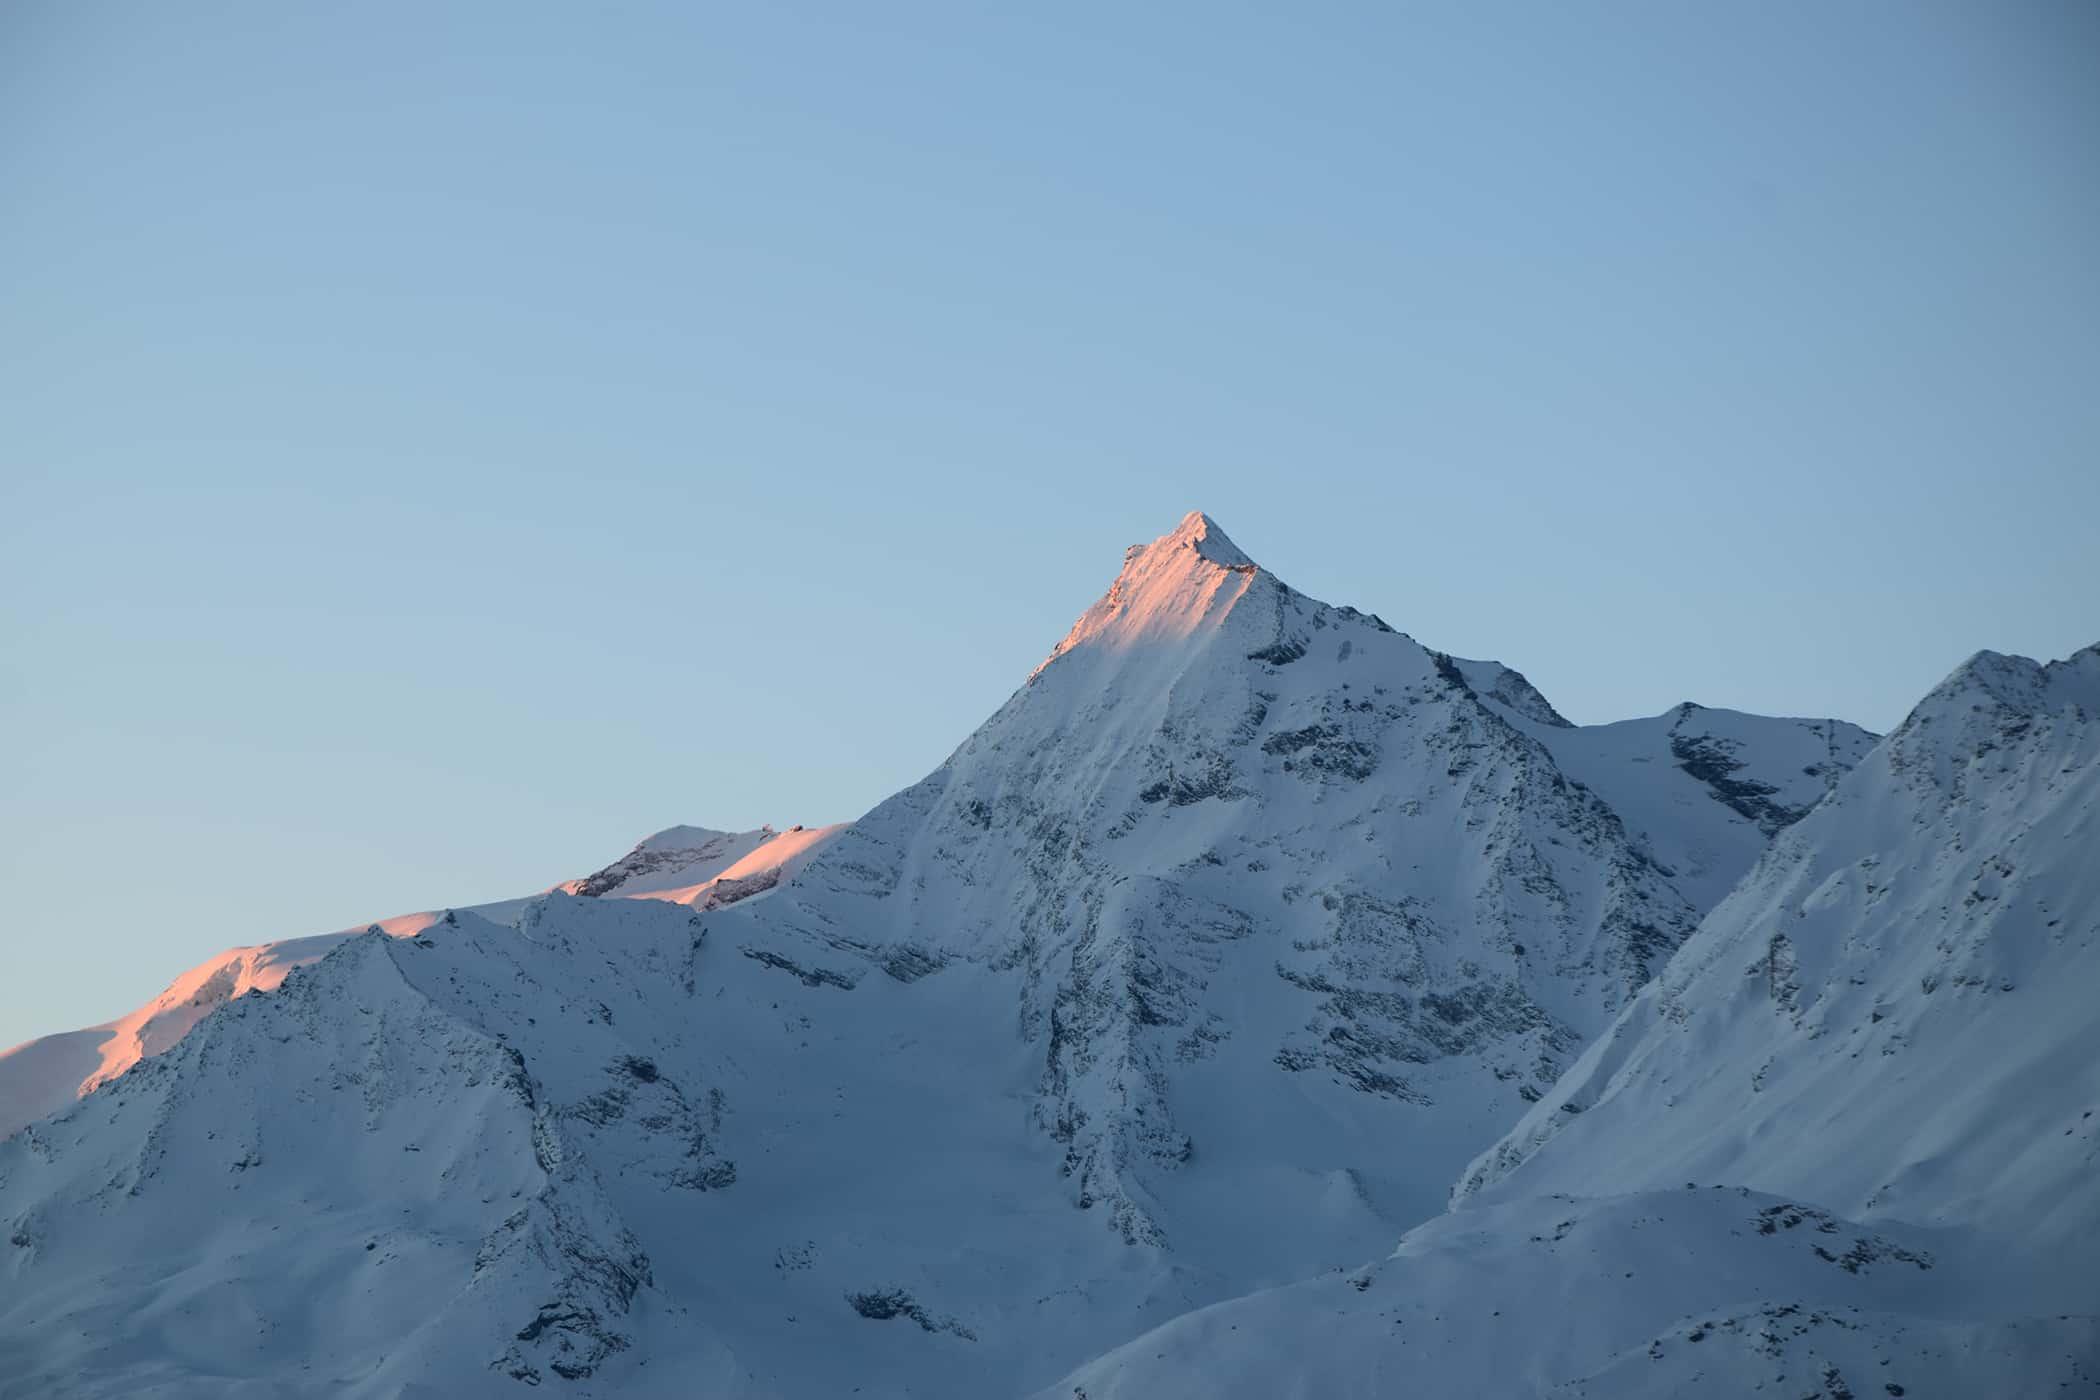 La Rosière mont pourri